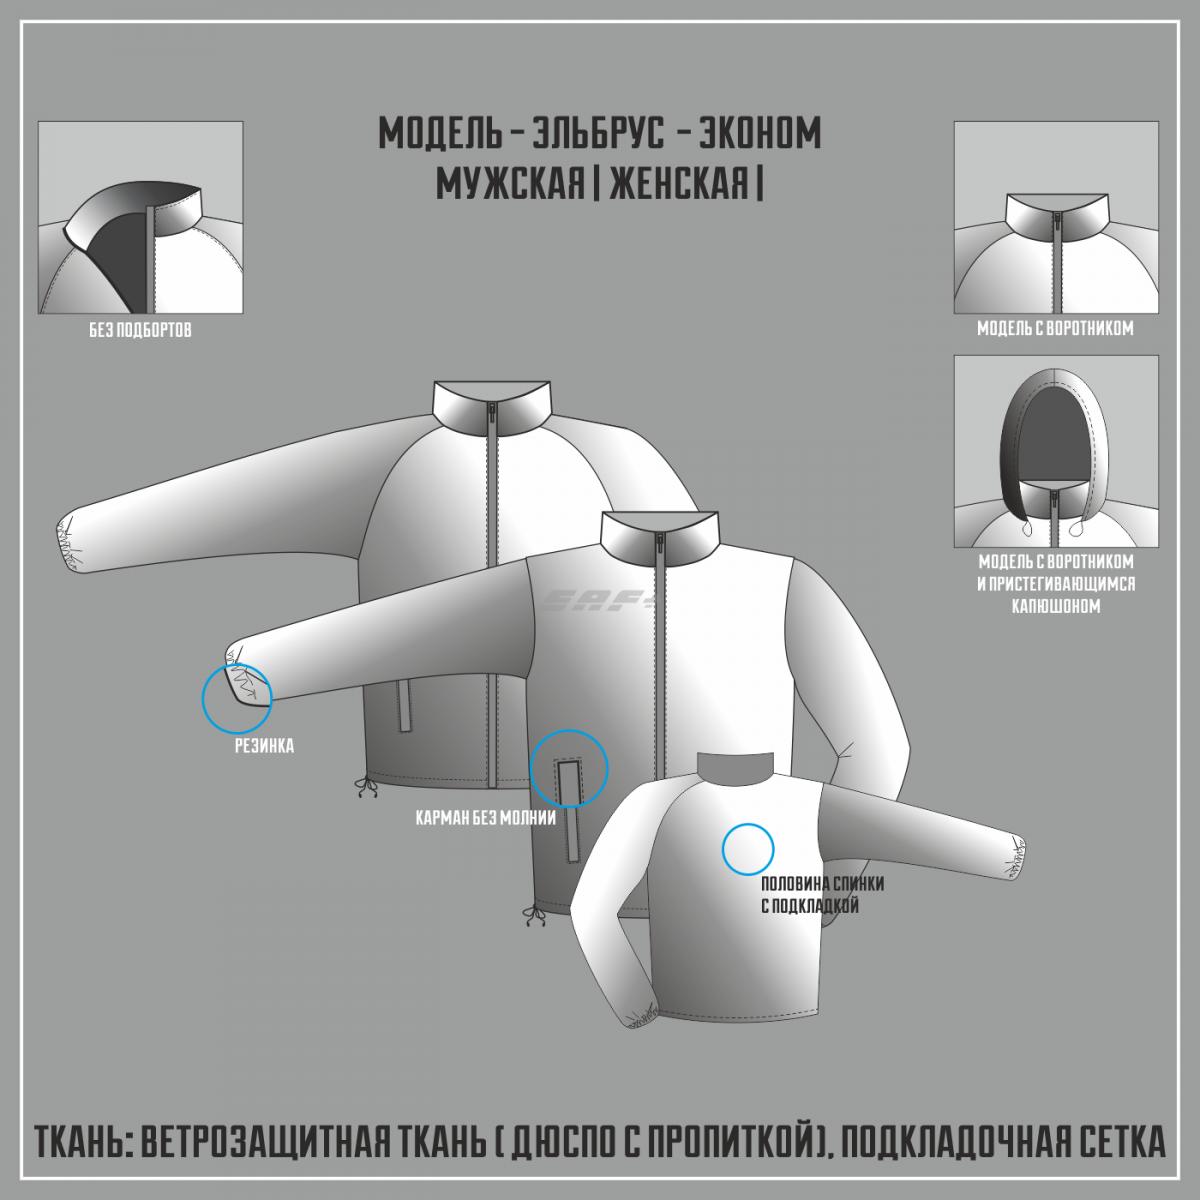 ЭЛЬБРУС-ЭКОНОМ ветровка (Полная сублимация)